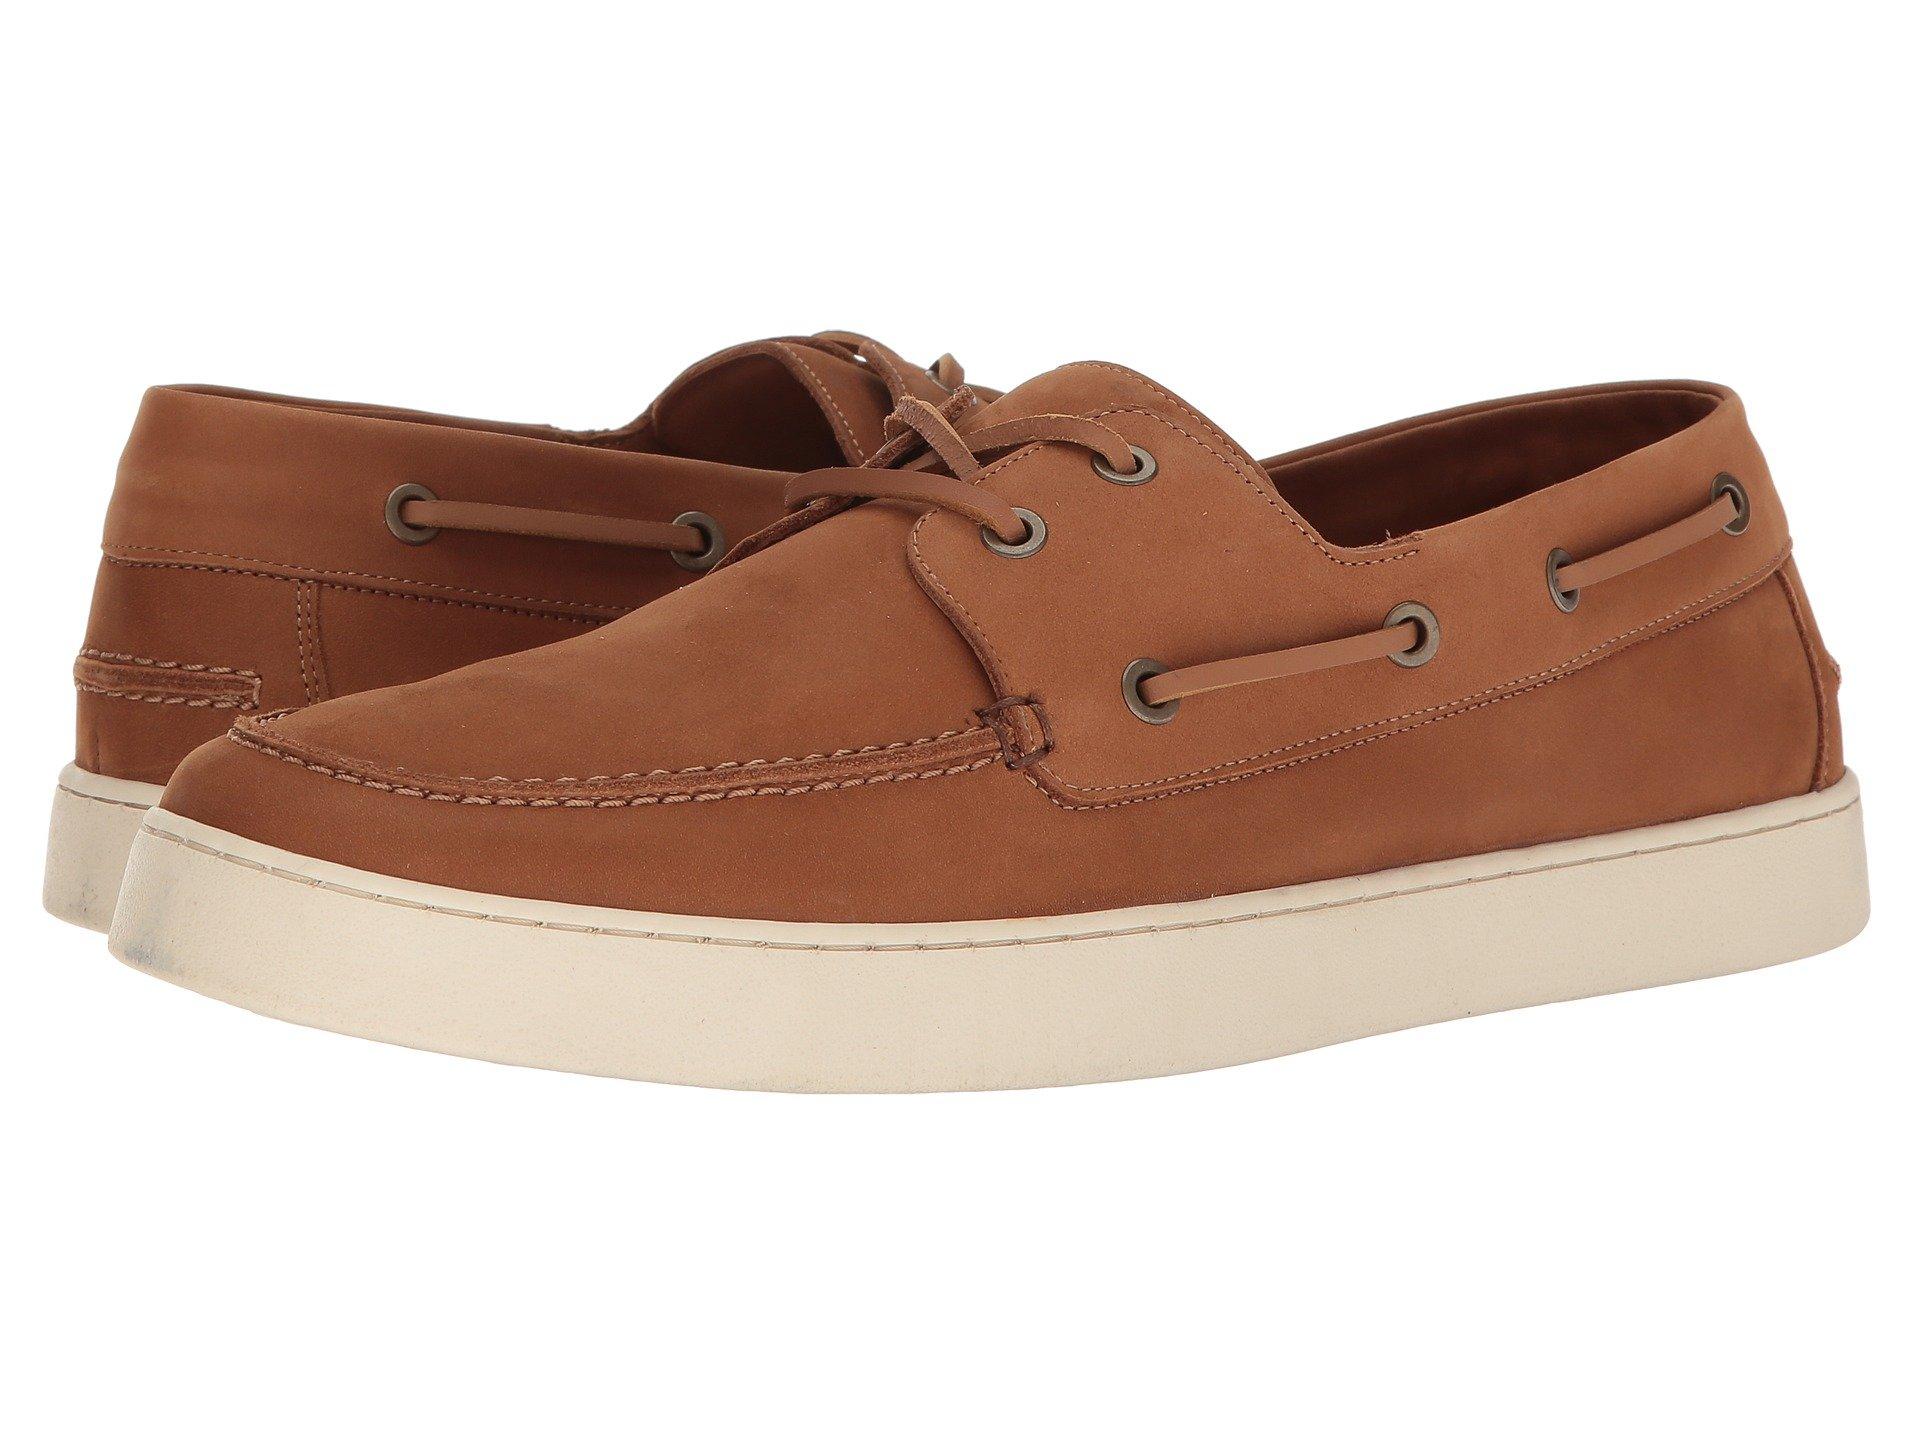 Calzado Tipo Boat Shoe para Hombre Vince Camuto Gregg  + Vince Camuto en VeoyCompro.net